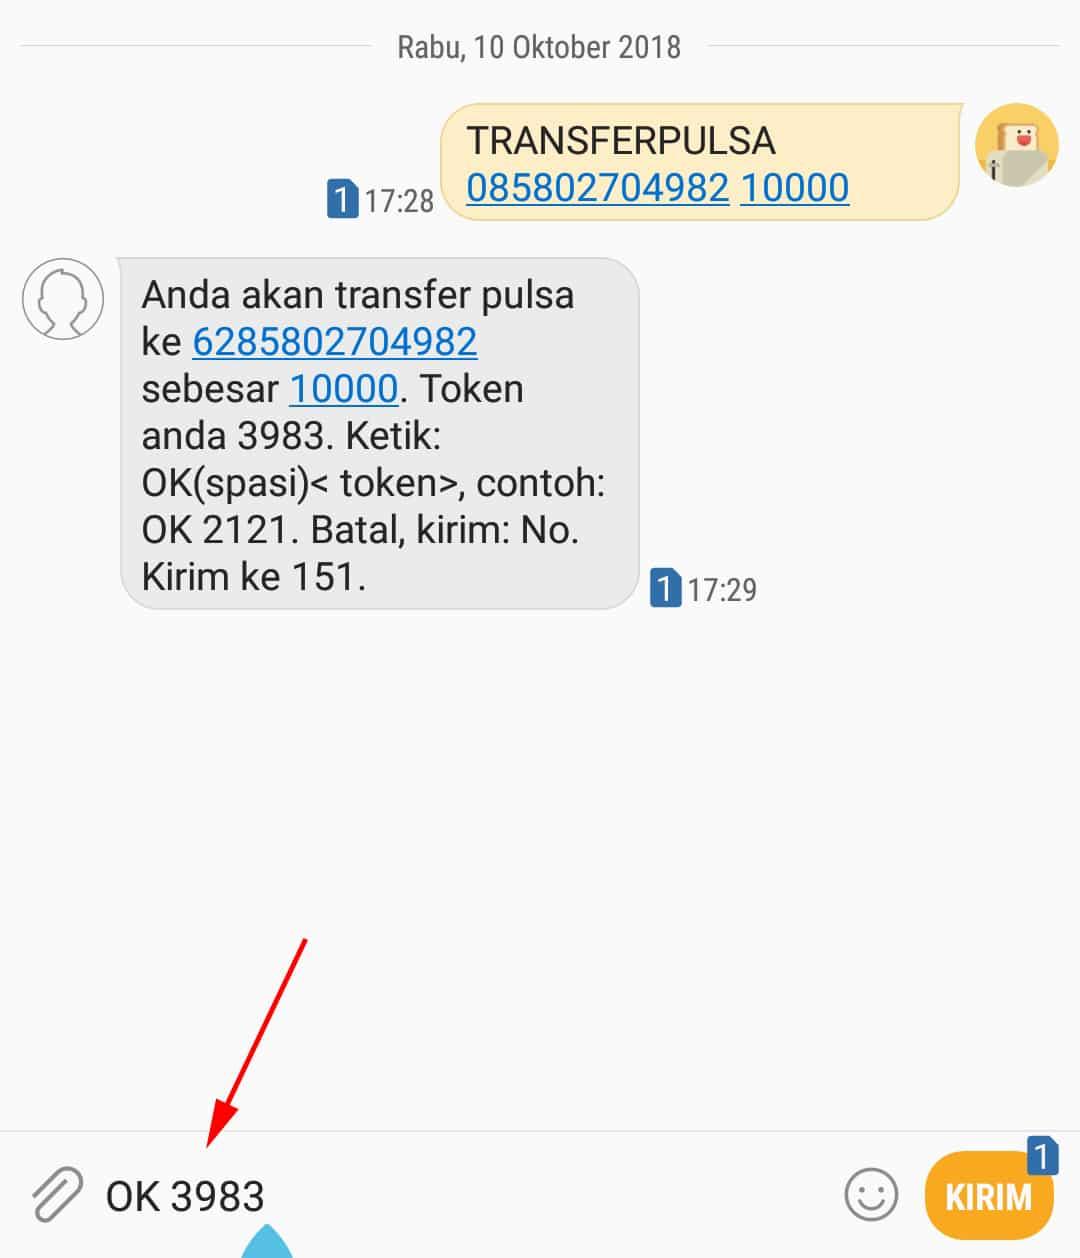 Ketikkan-format-SMS-Transferpulsa-spasi-nomor-spasi-nominal